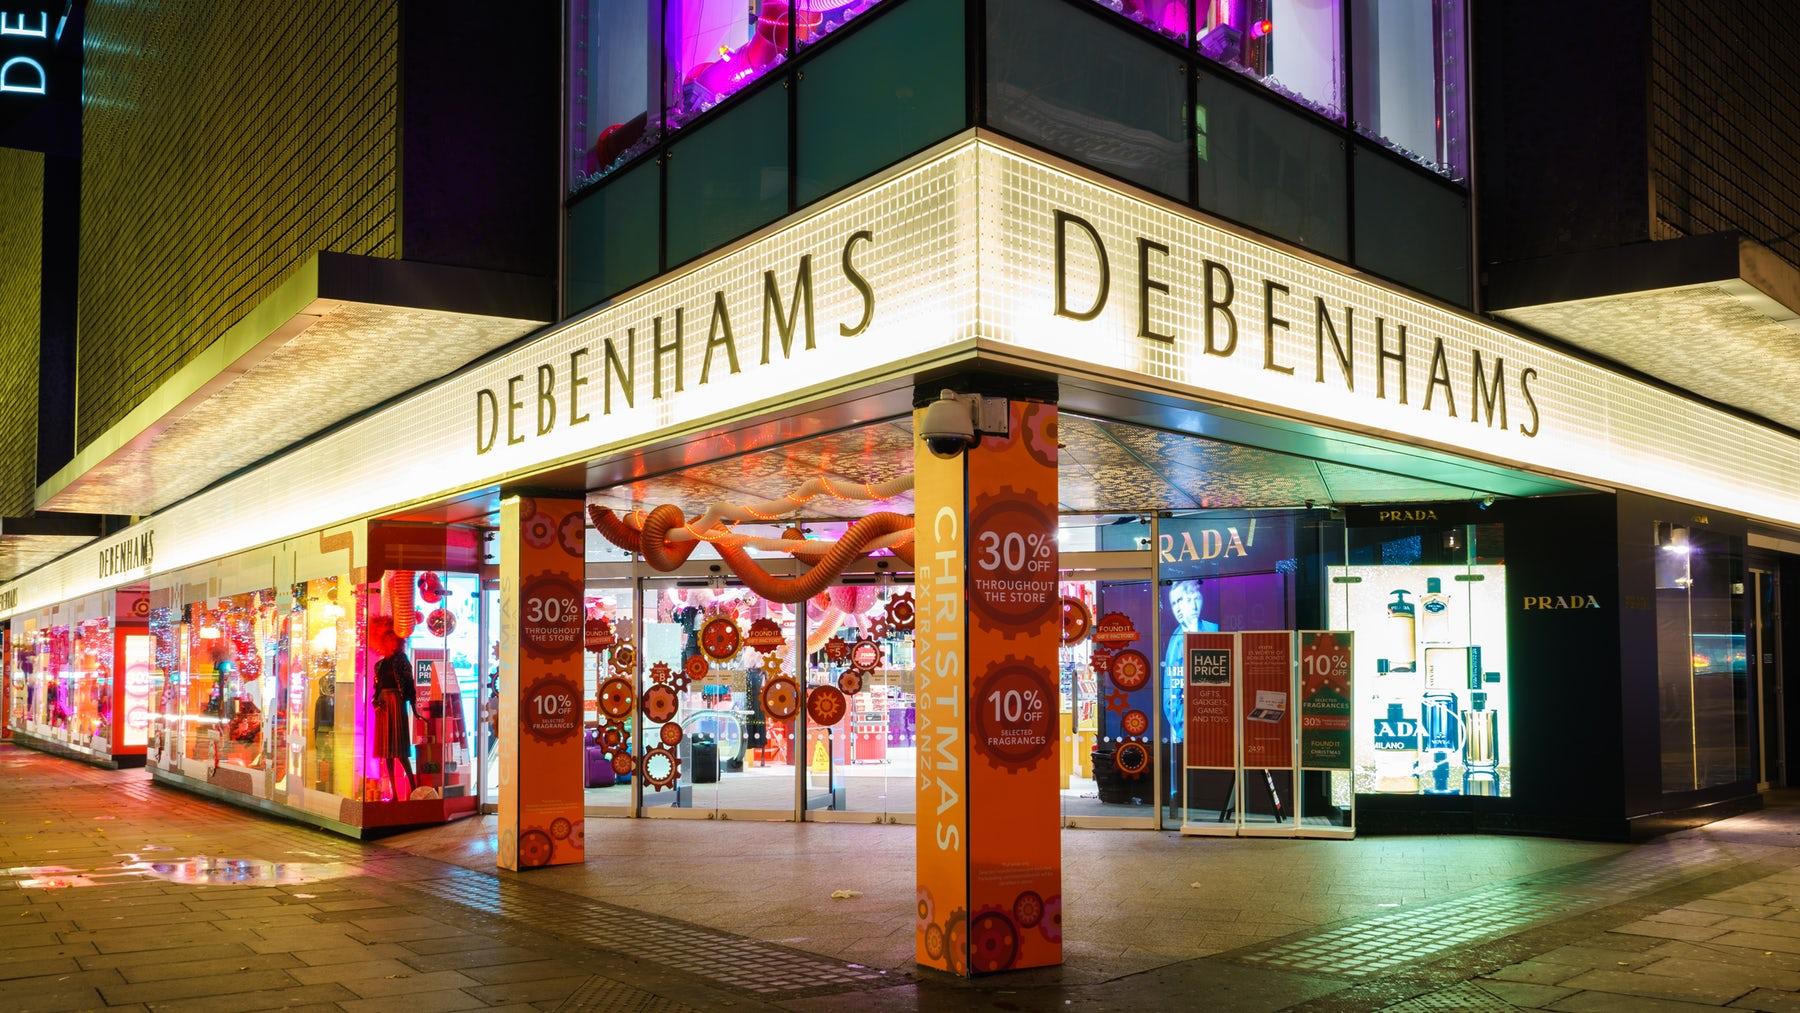 Debenhams | Source: Shutterstock